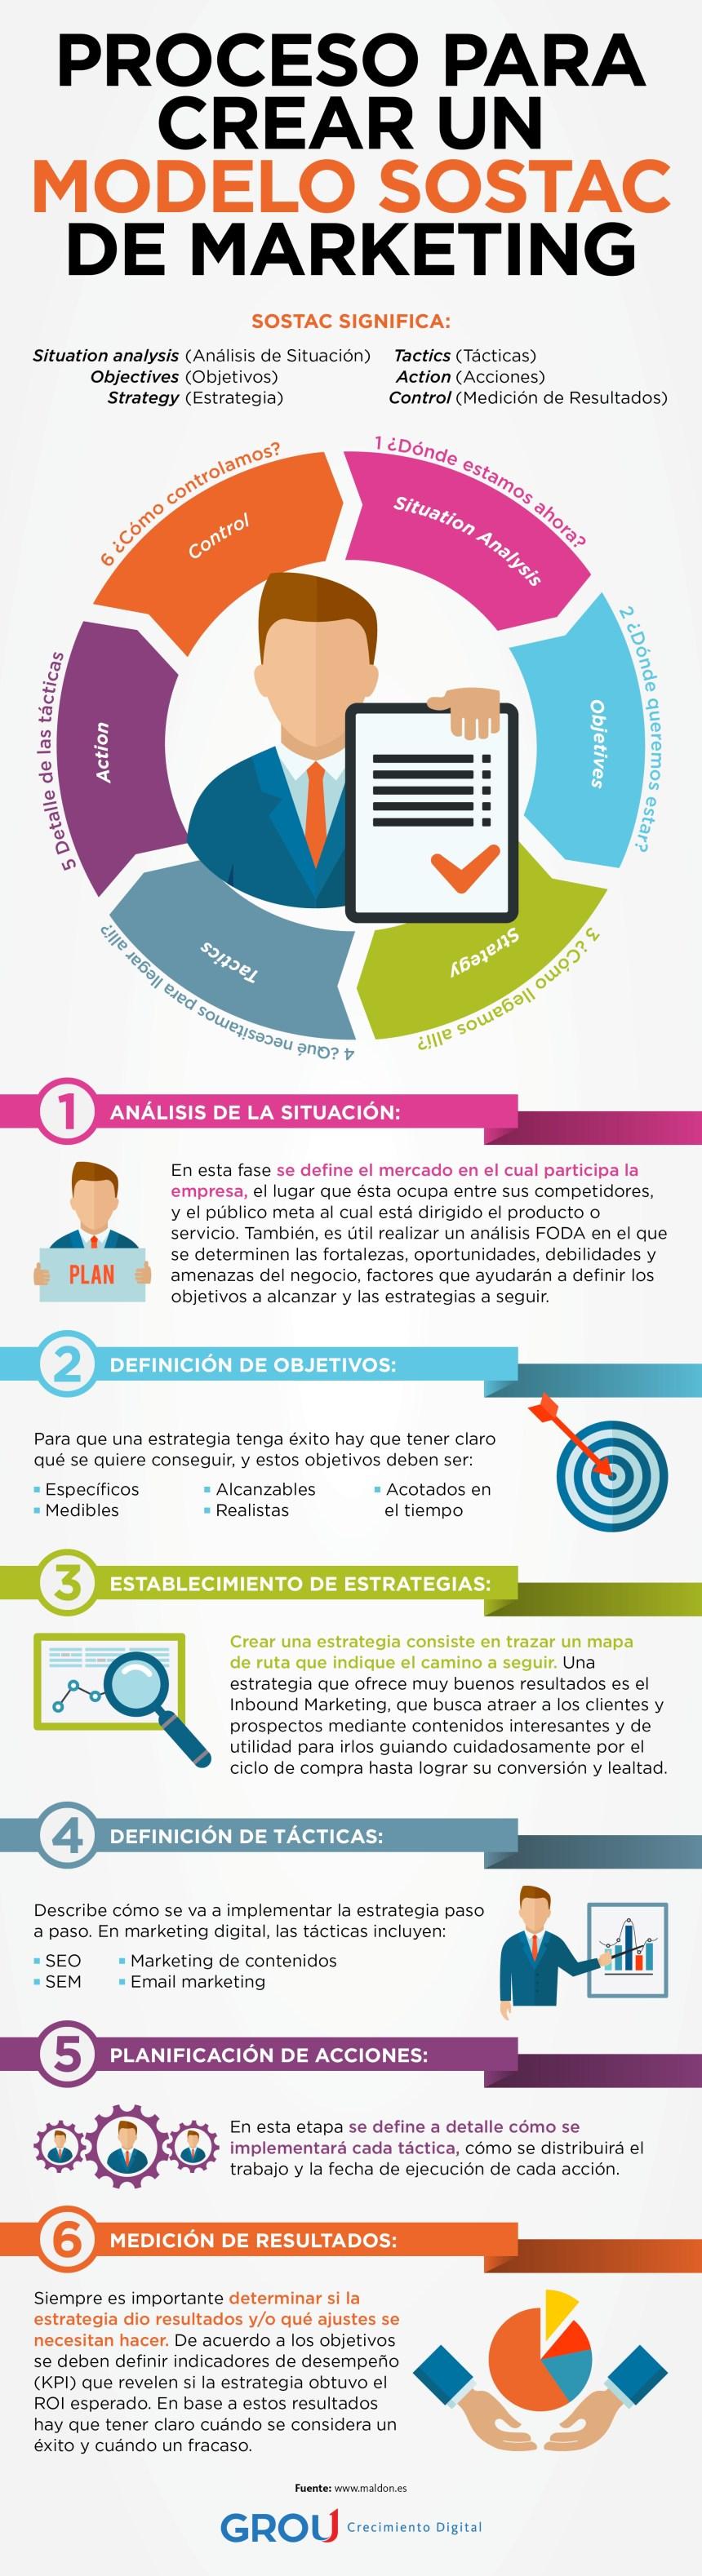 Proceso para crear un modelo SOSTAC de marketing